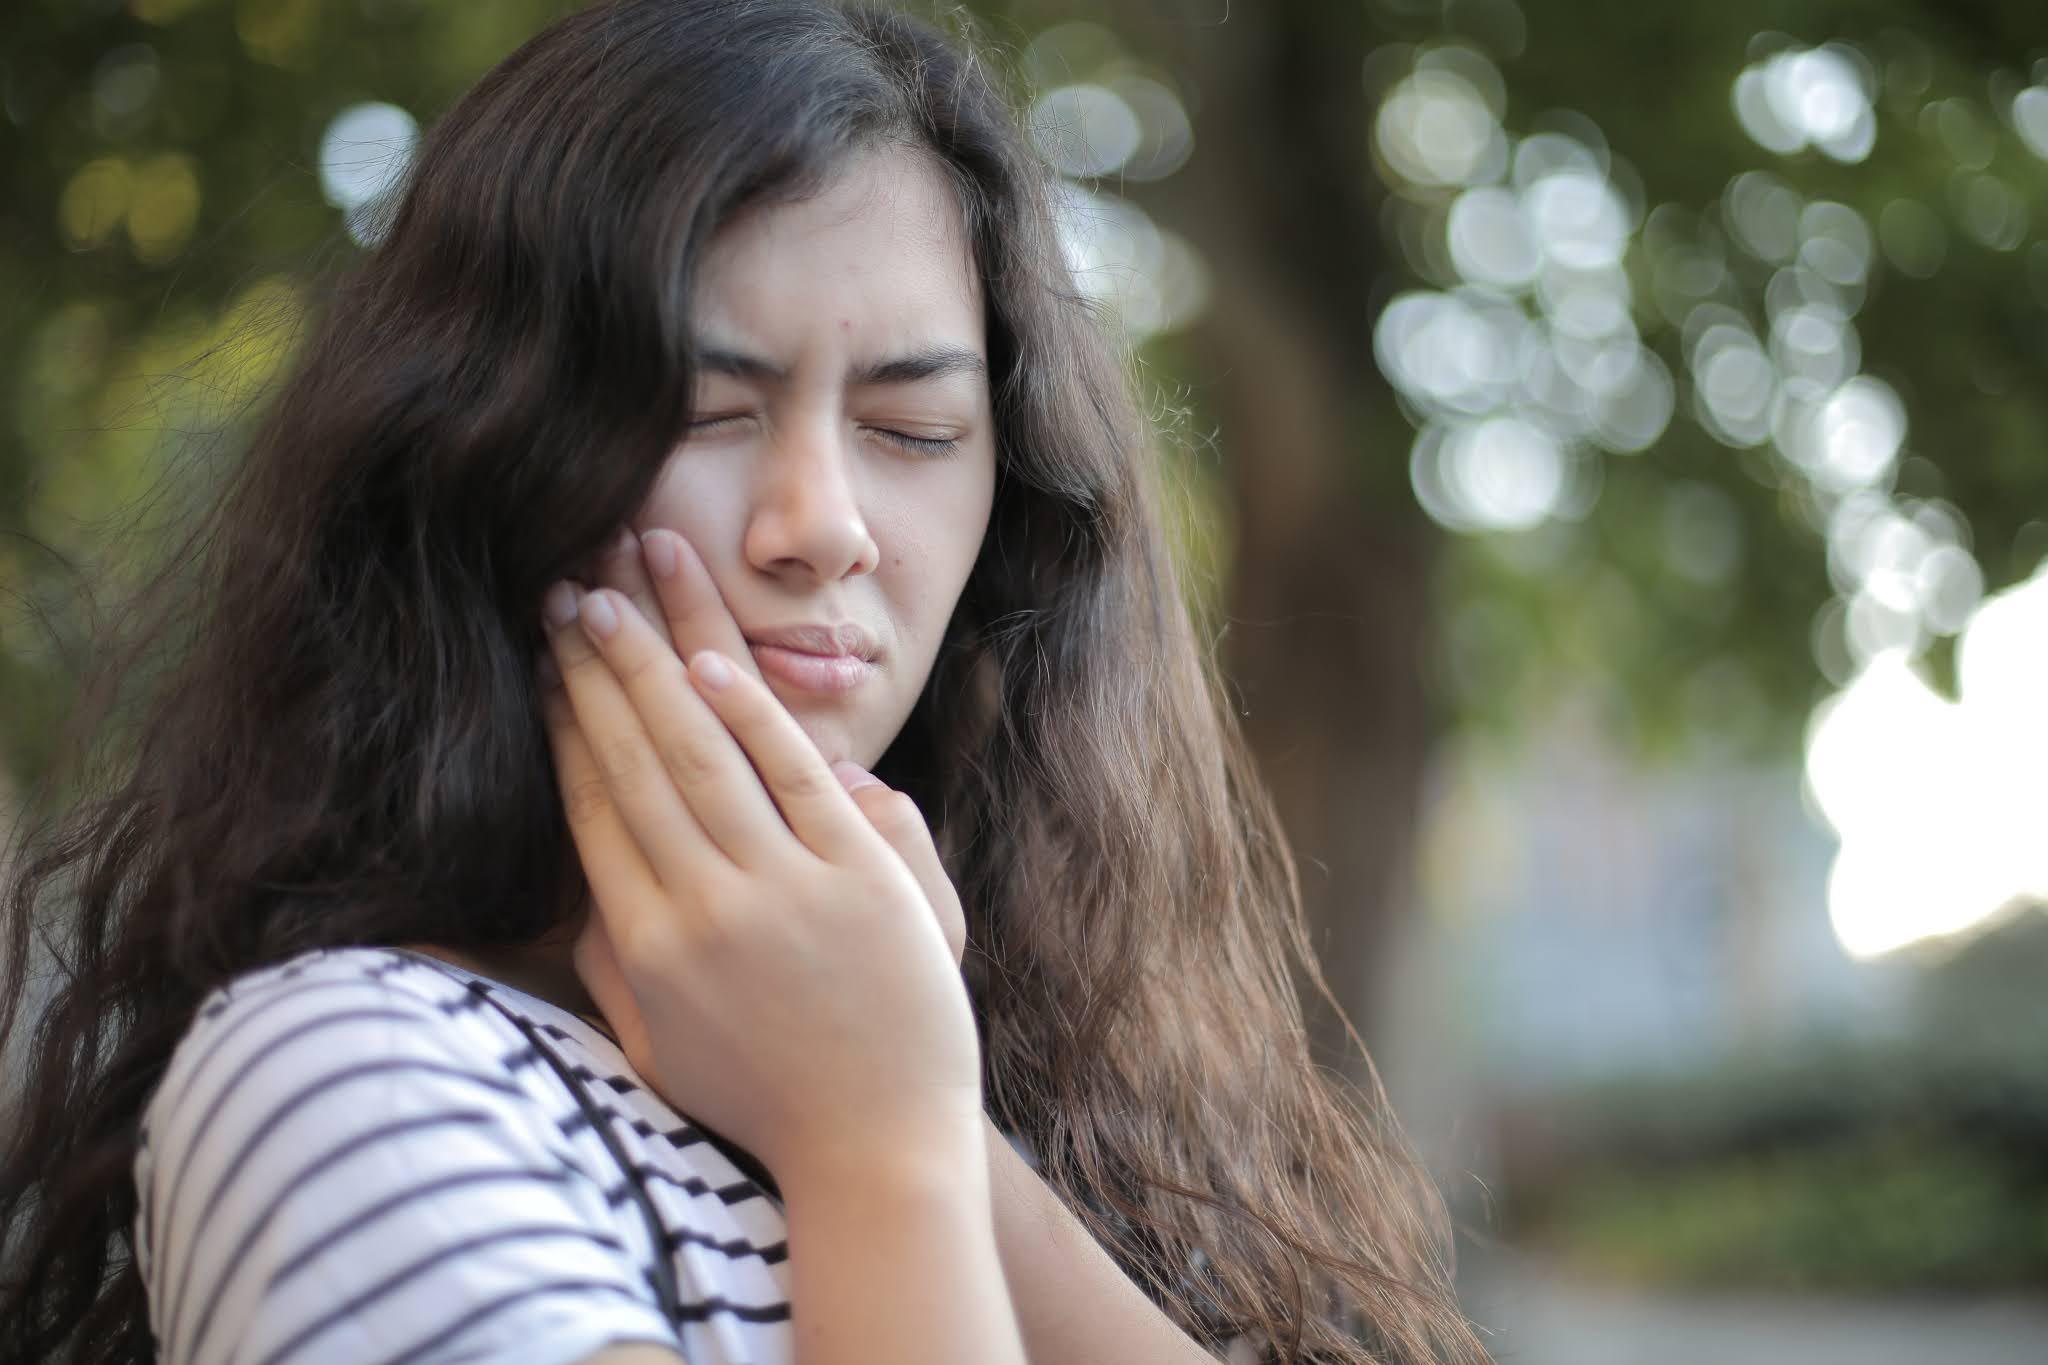 Obat Sakit Gigi Paling Ampuh